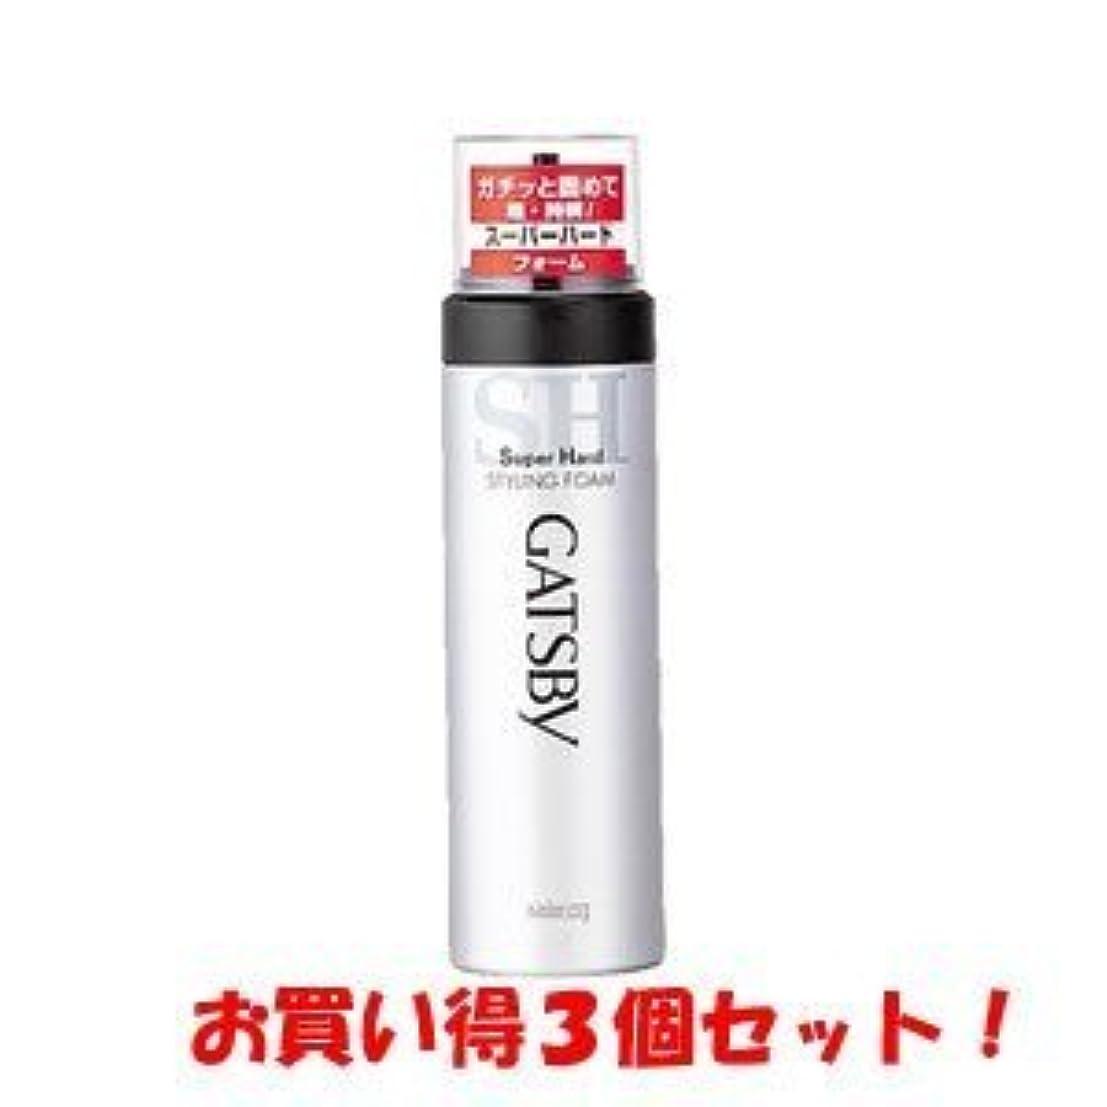 漂流事前柔らかさギャツビー【GATSBY】スタイリングフォーム スーパーハード 185g(お買い得3個セット)